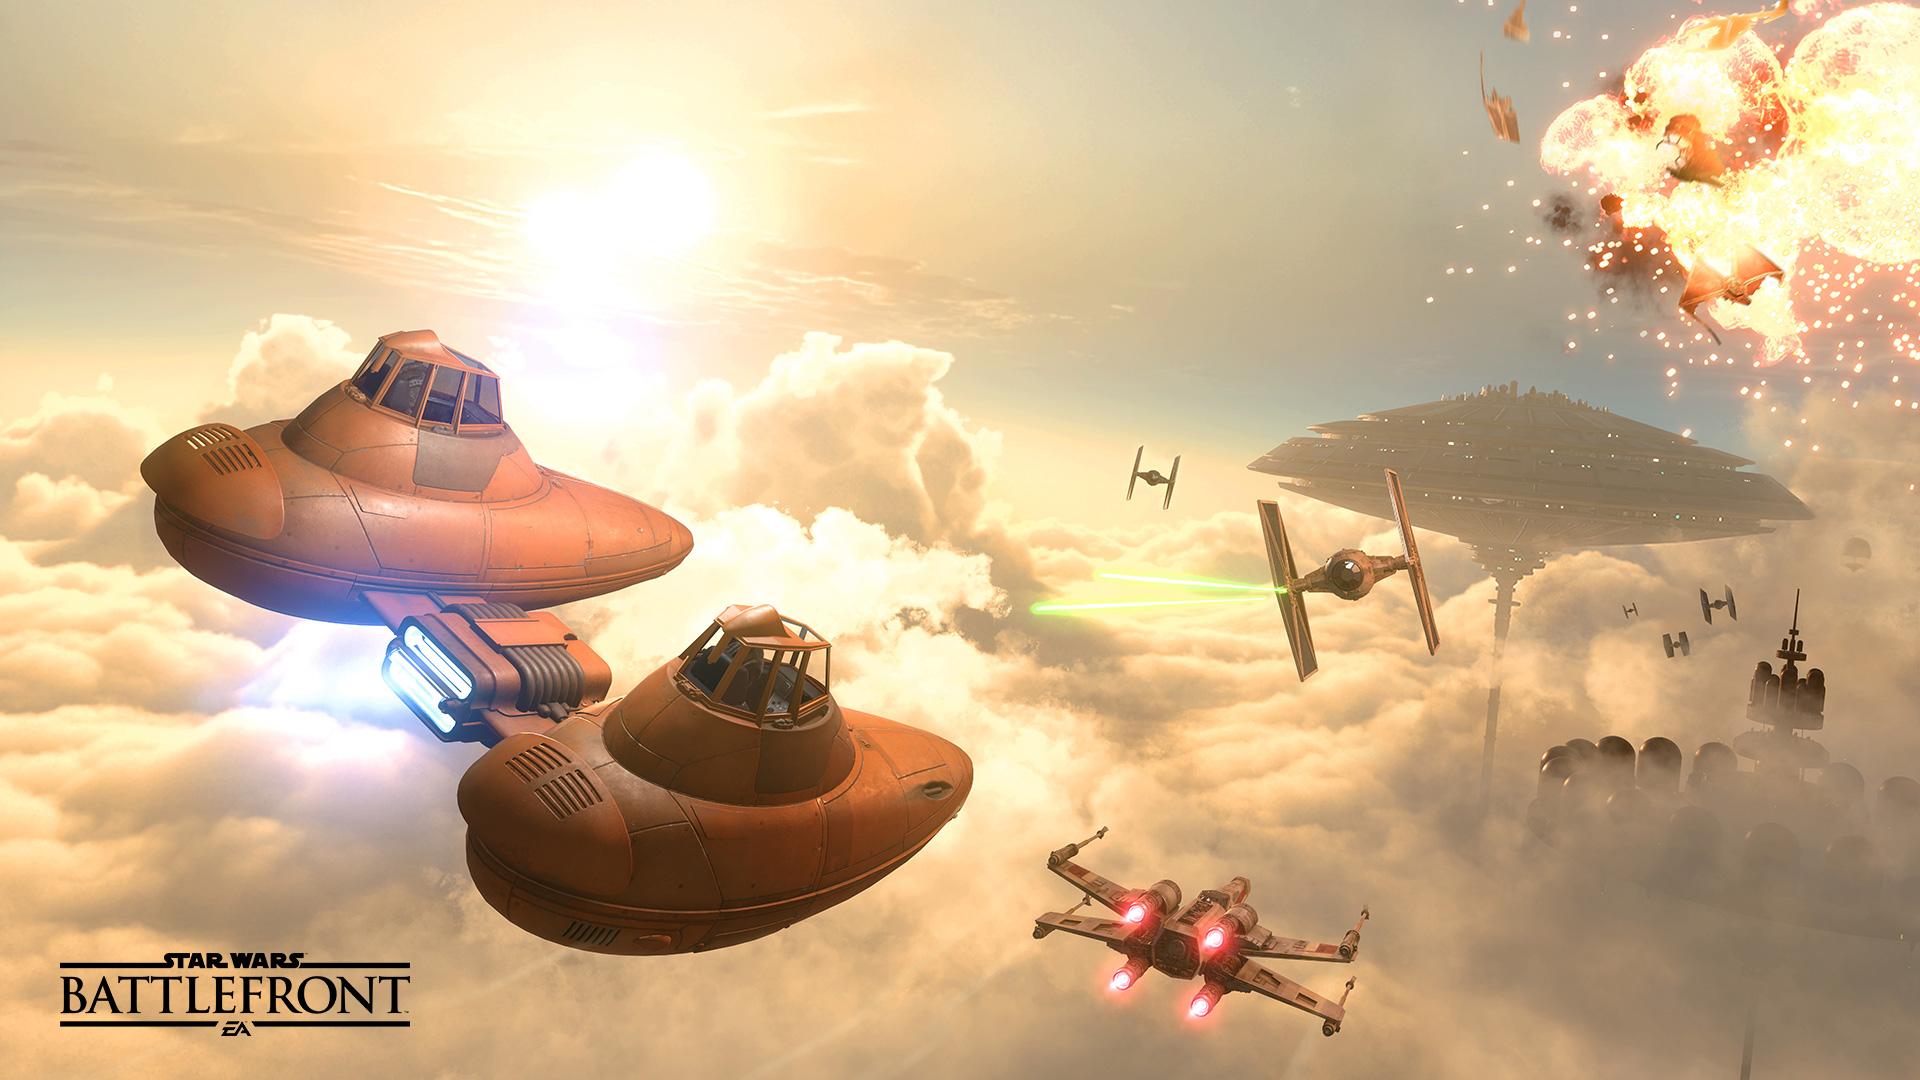 Death Star DLC gameplay trailer for Star Wars Battlefront